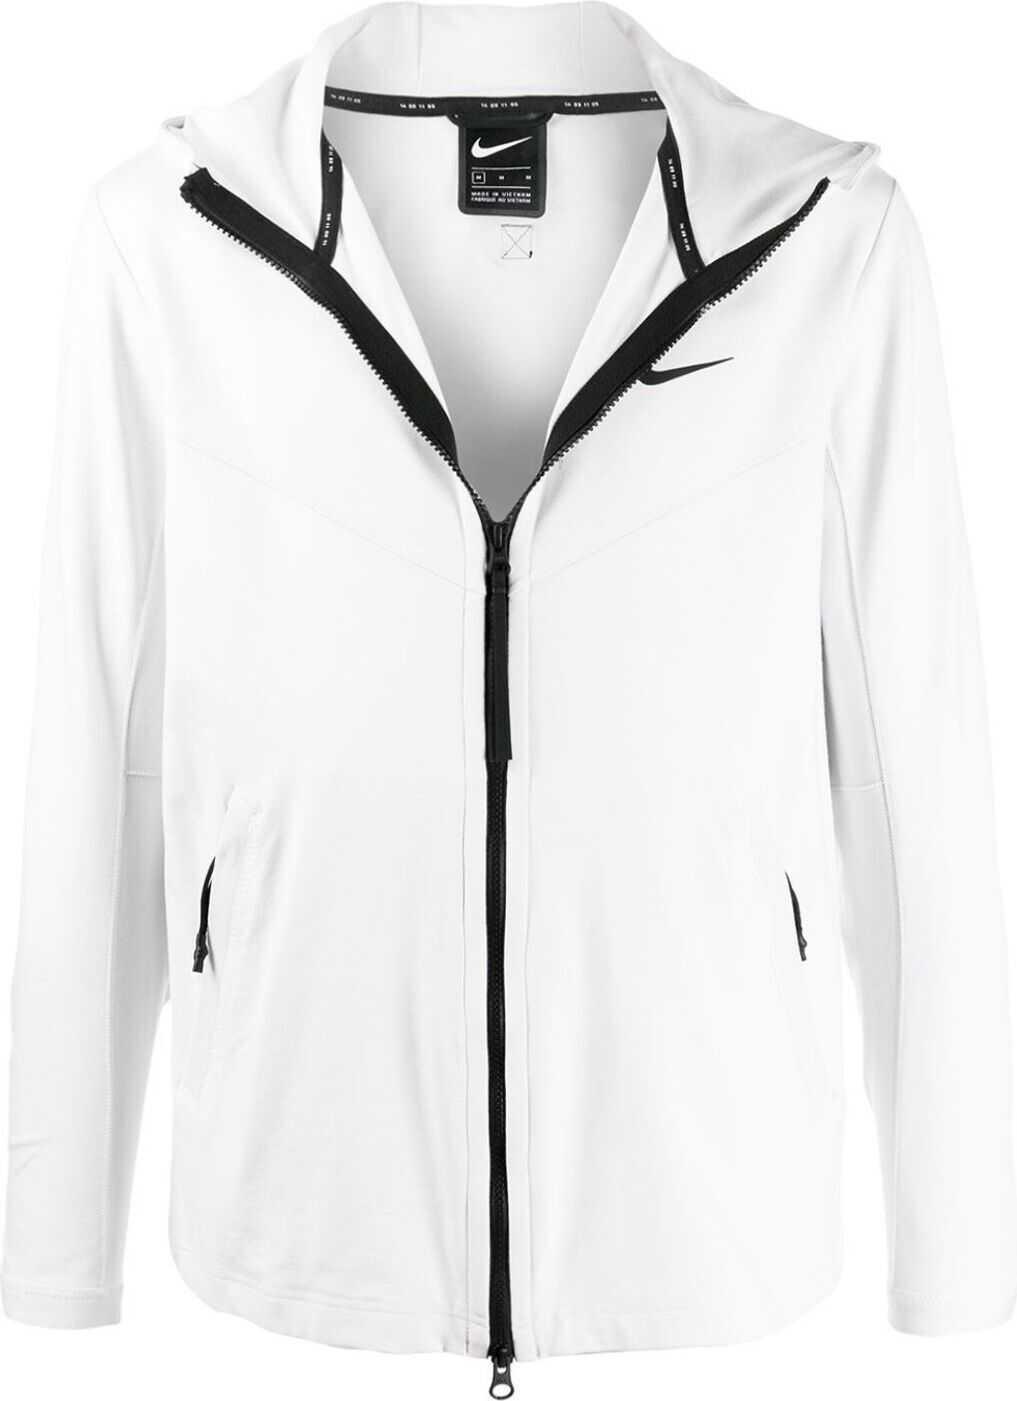 Nike Polyester Outerwear Jacket WHITE